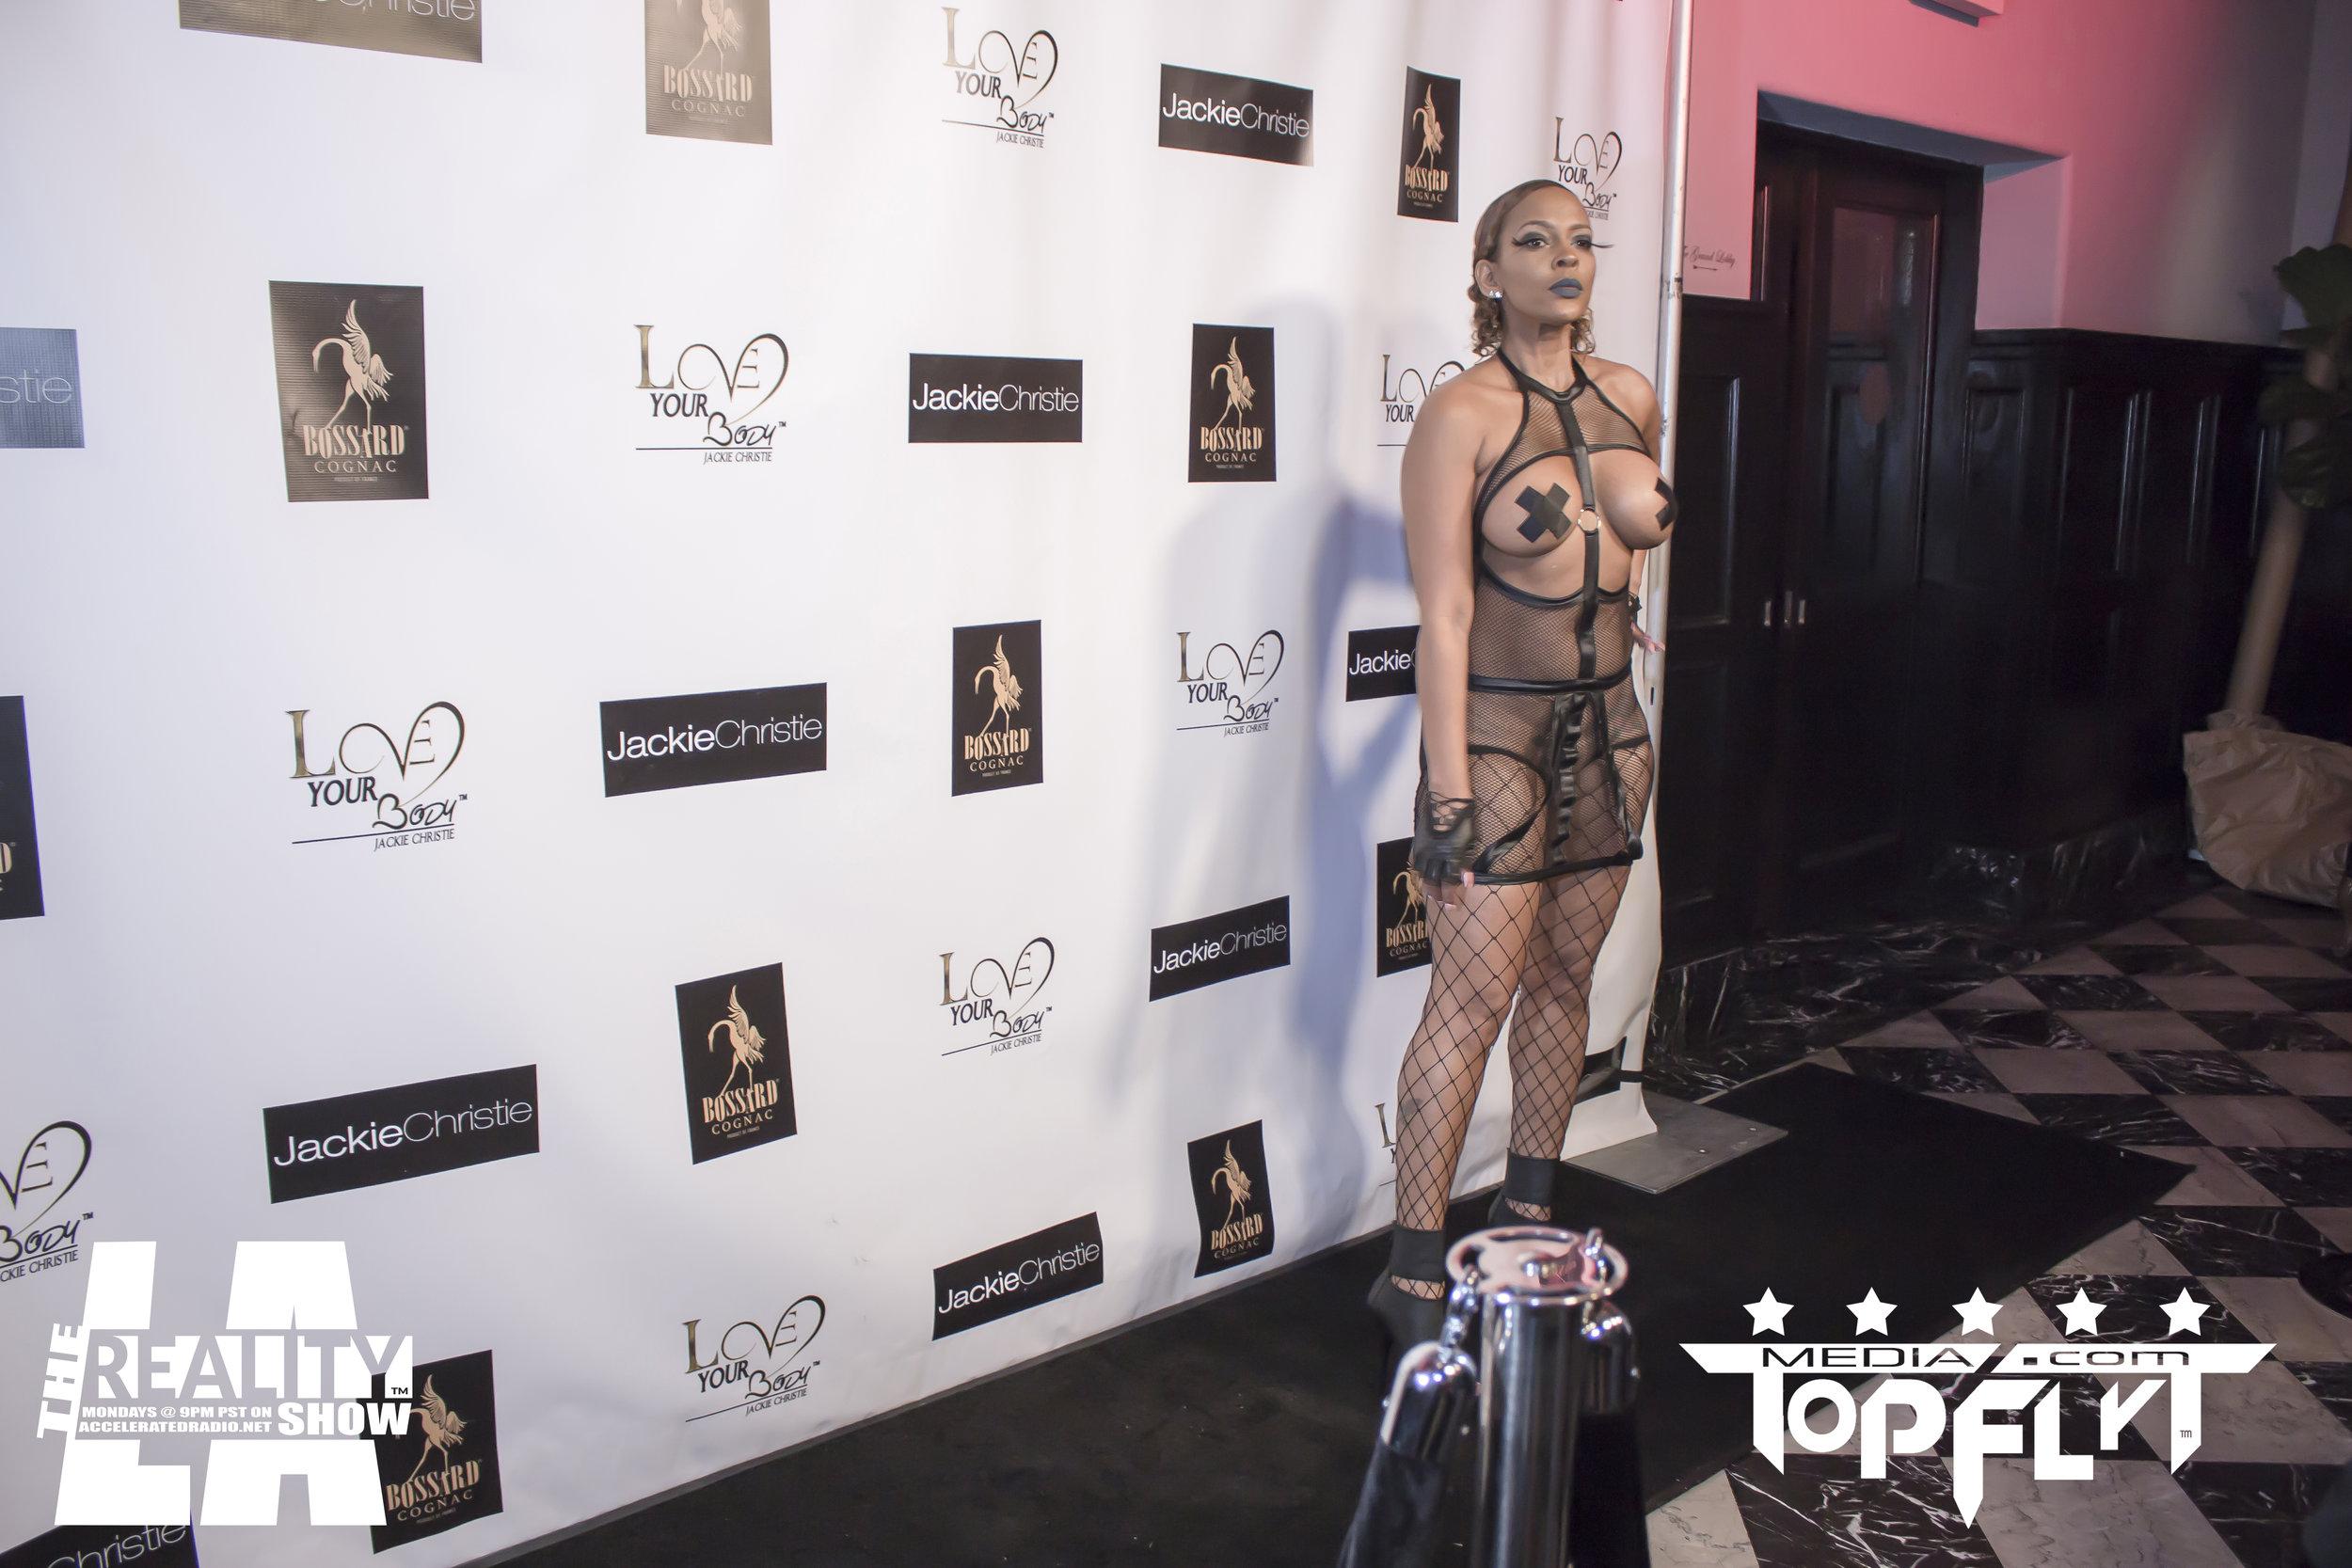 The Reality Show LA - Jackie Christie_76.jpg